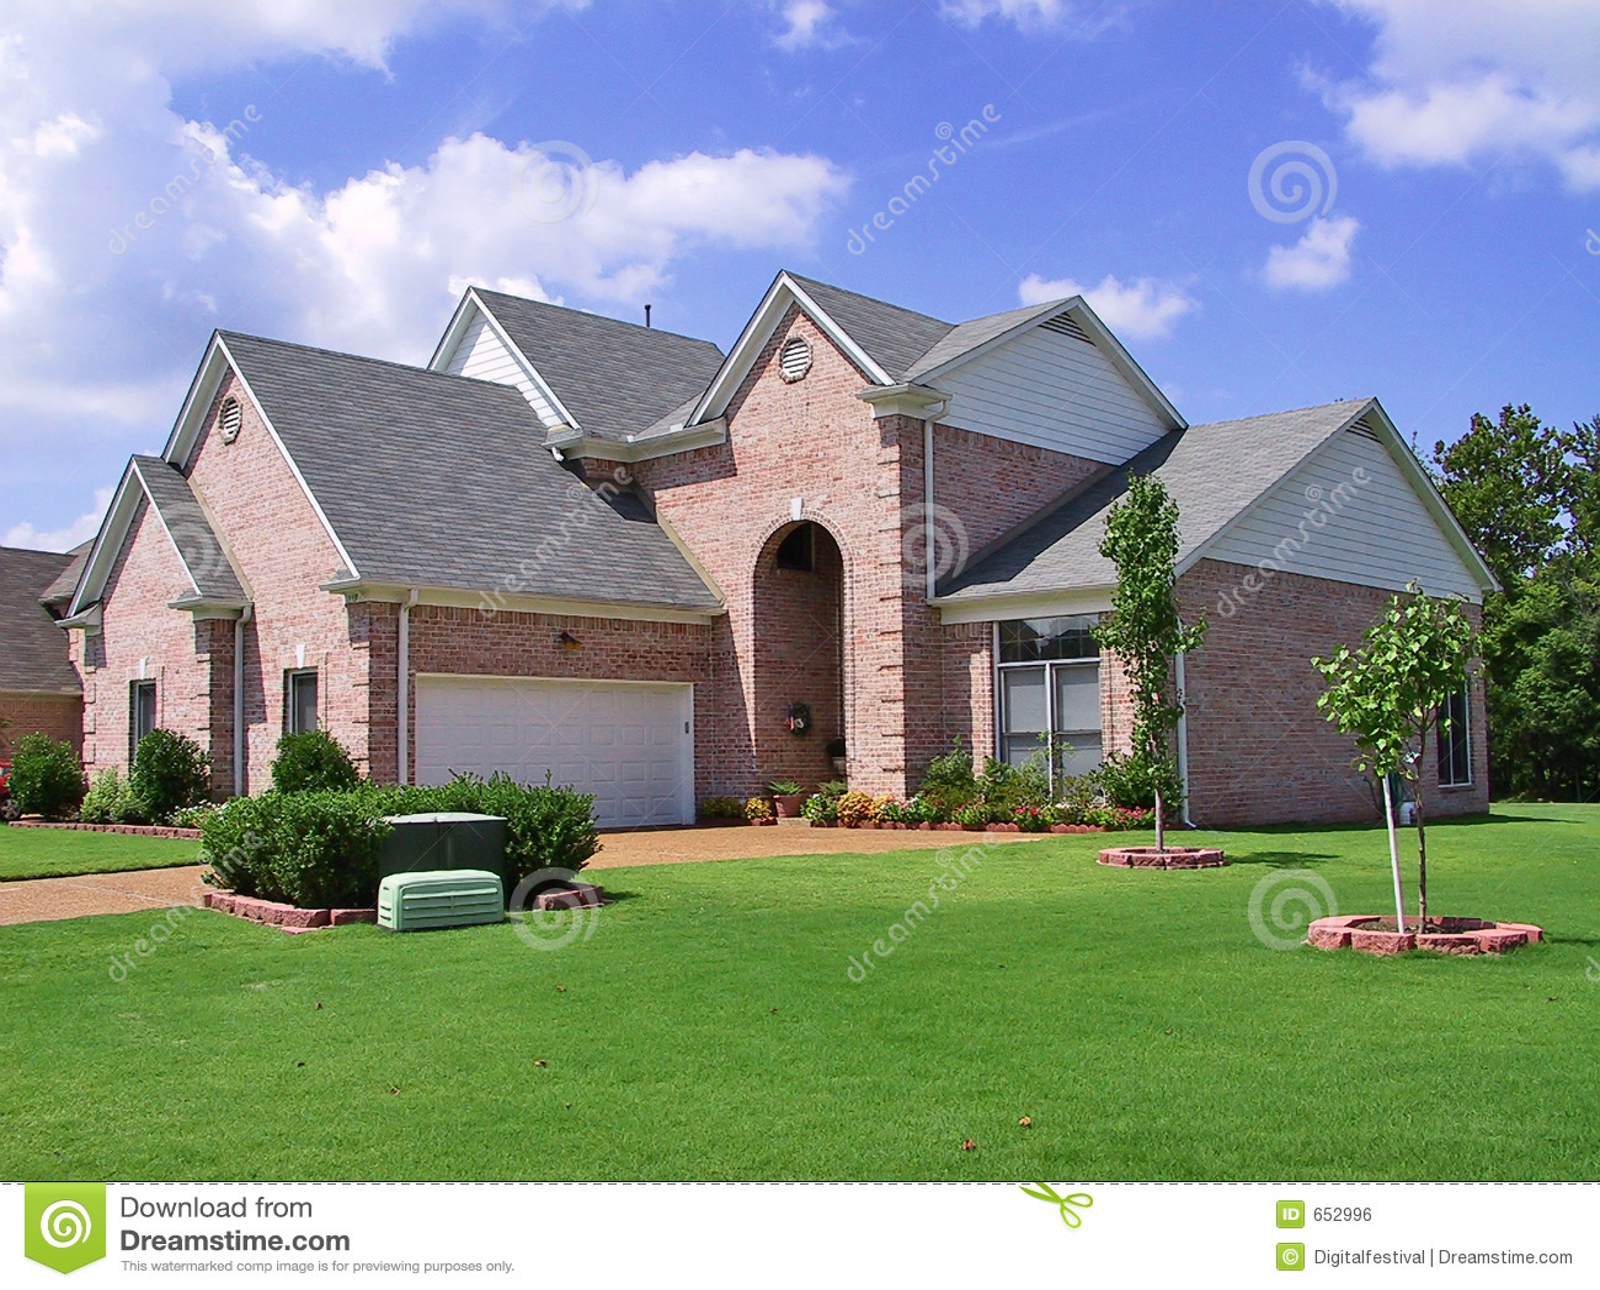 maison individuelle suburbaine riche image libre de droits image 652996. Black Bedroom Furniture Sets. Home Design Ideas